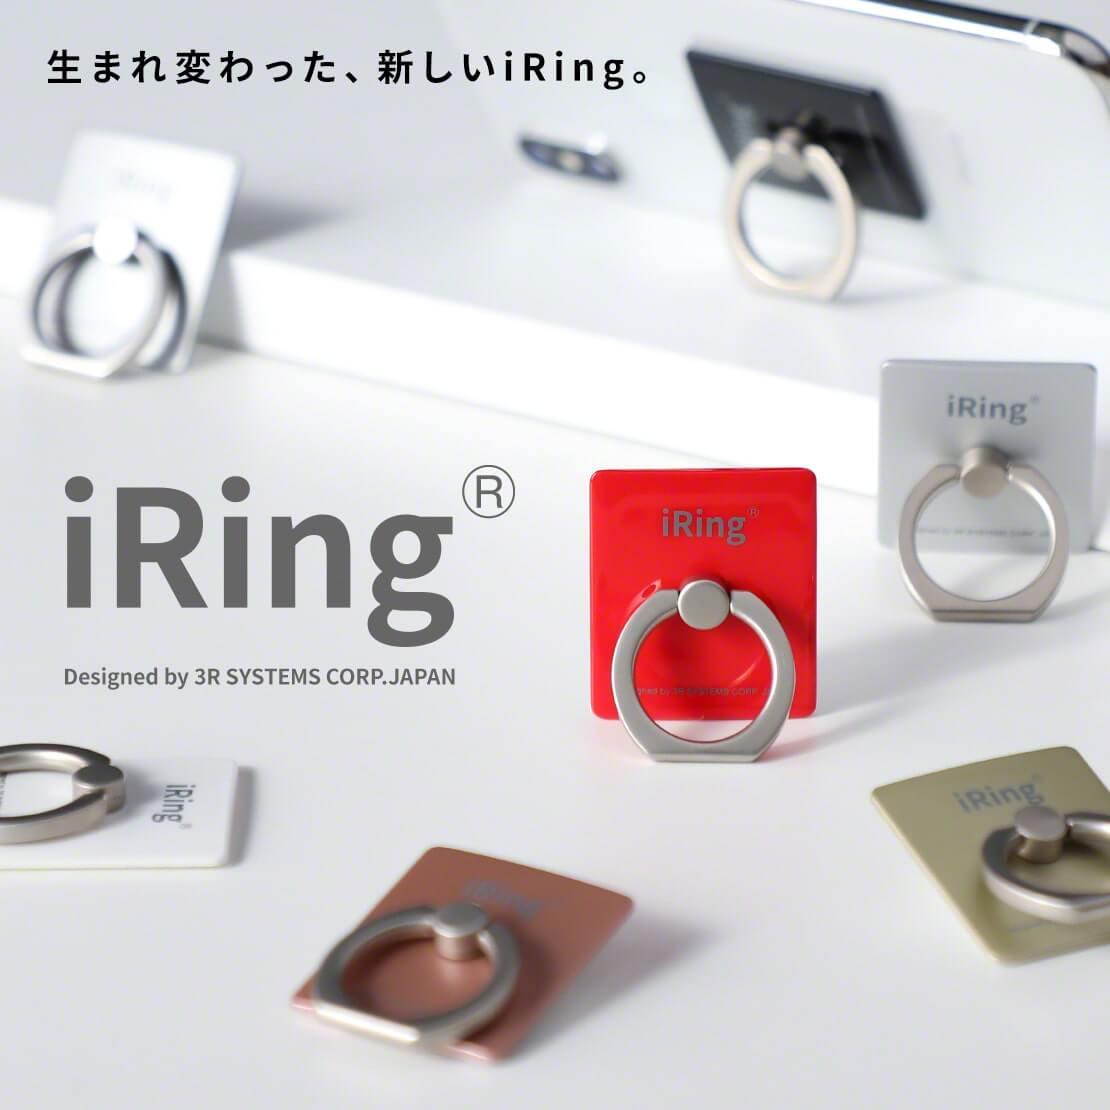 生まれ変わった新しい「iRing」